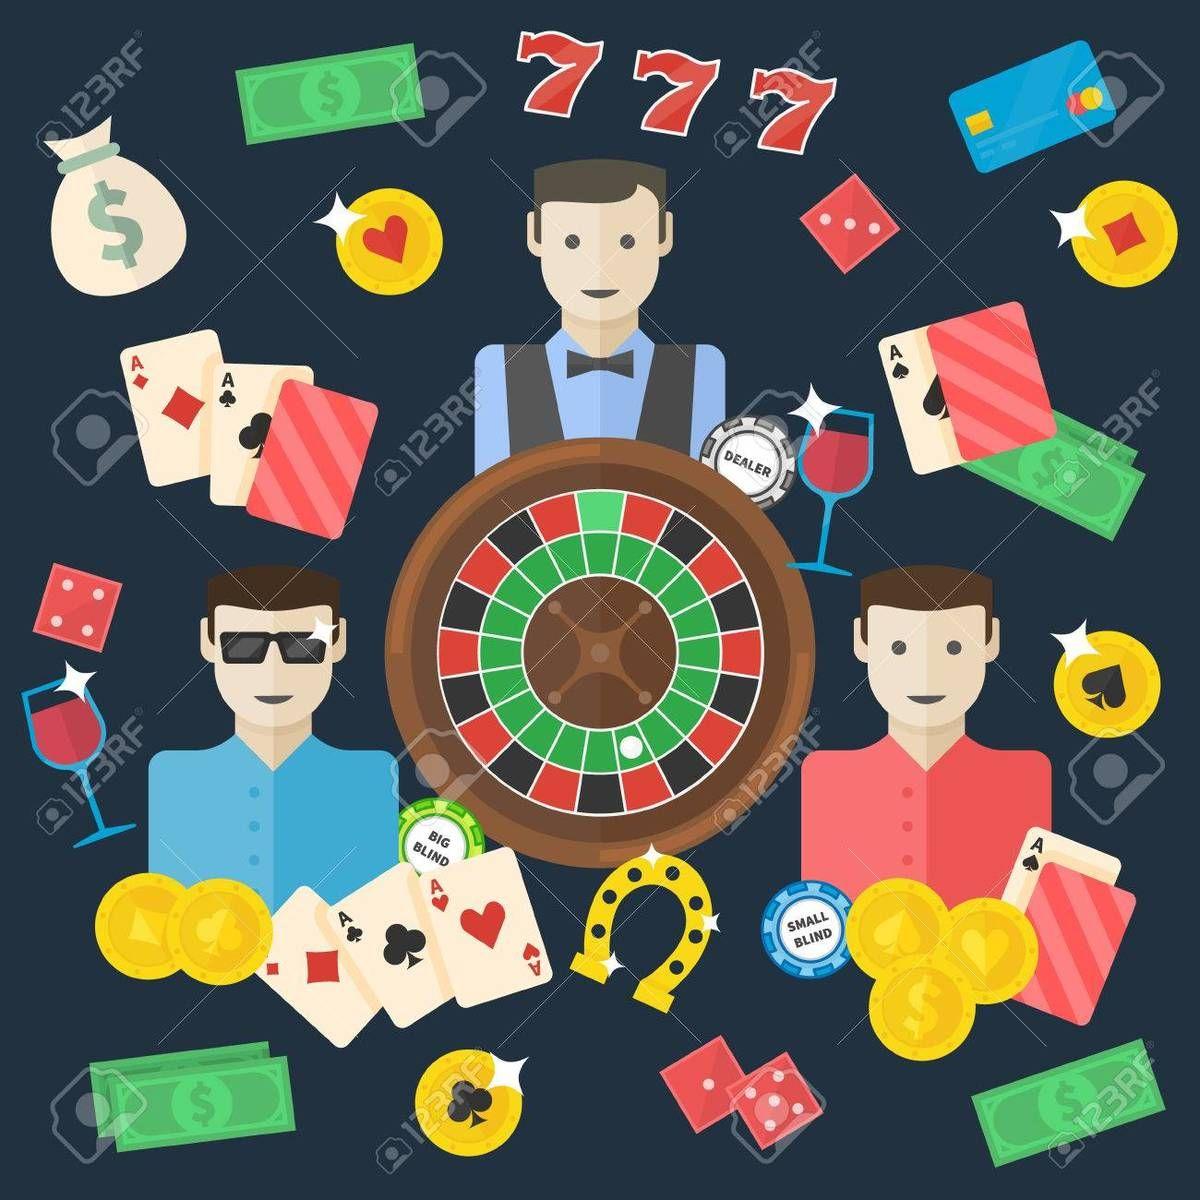 Лучшие казино онлайн на деньги в россии shpiller party дота